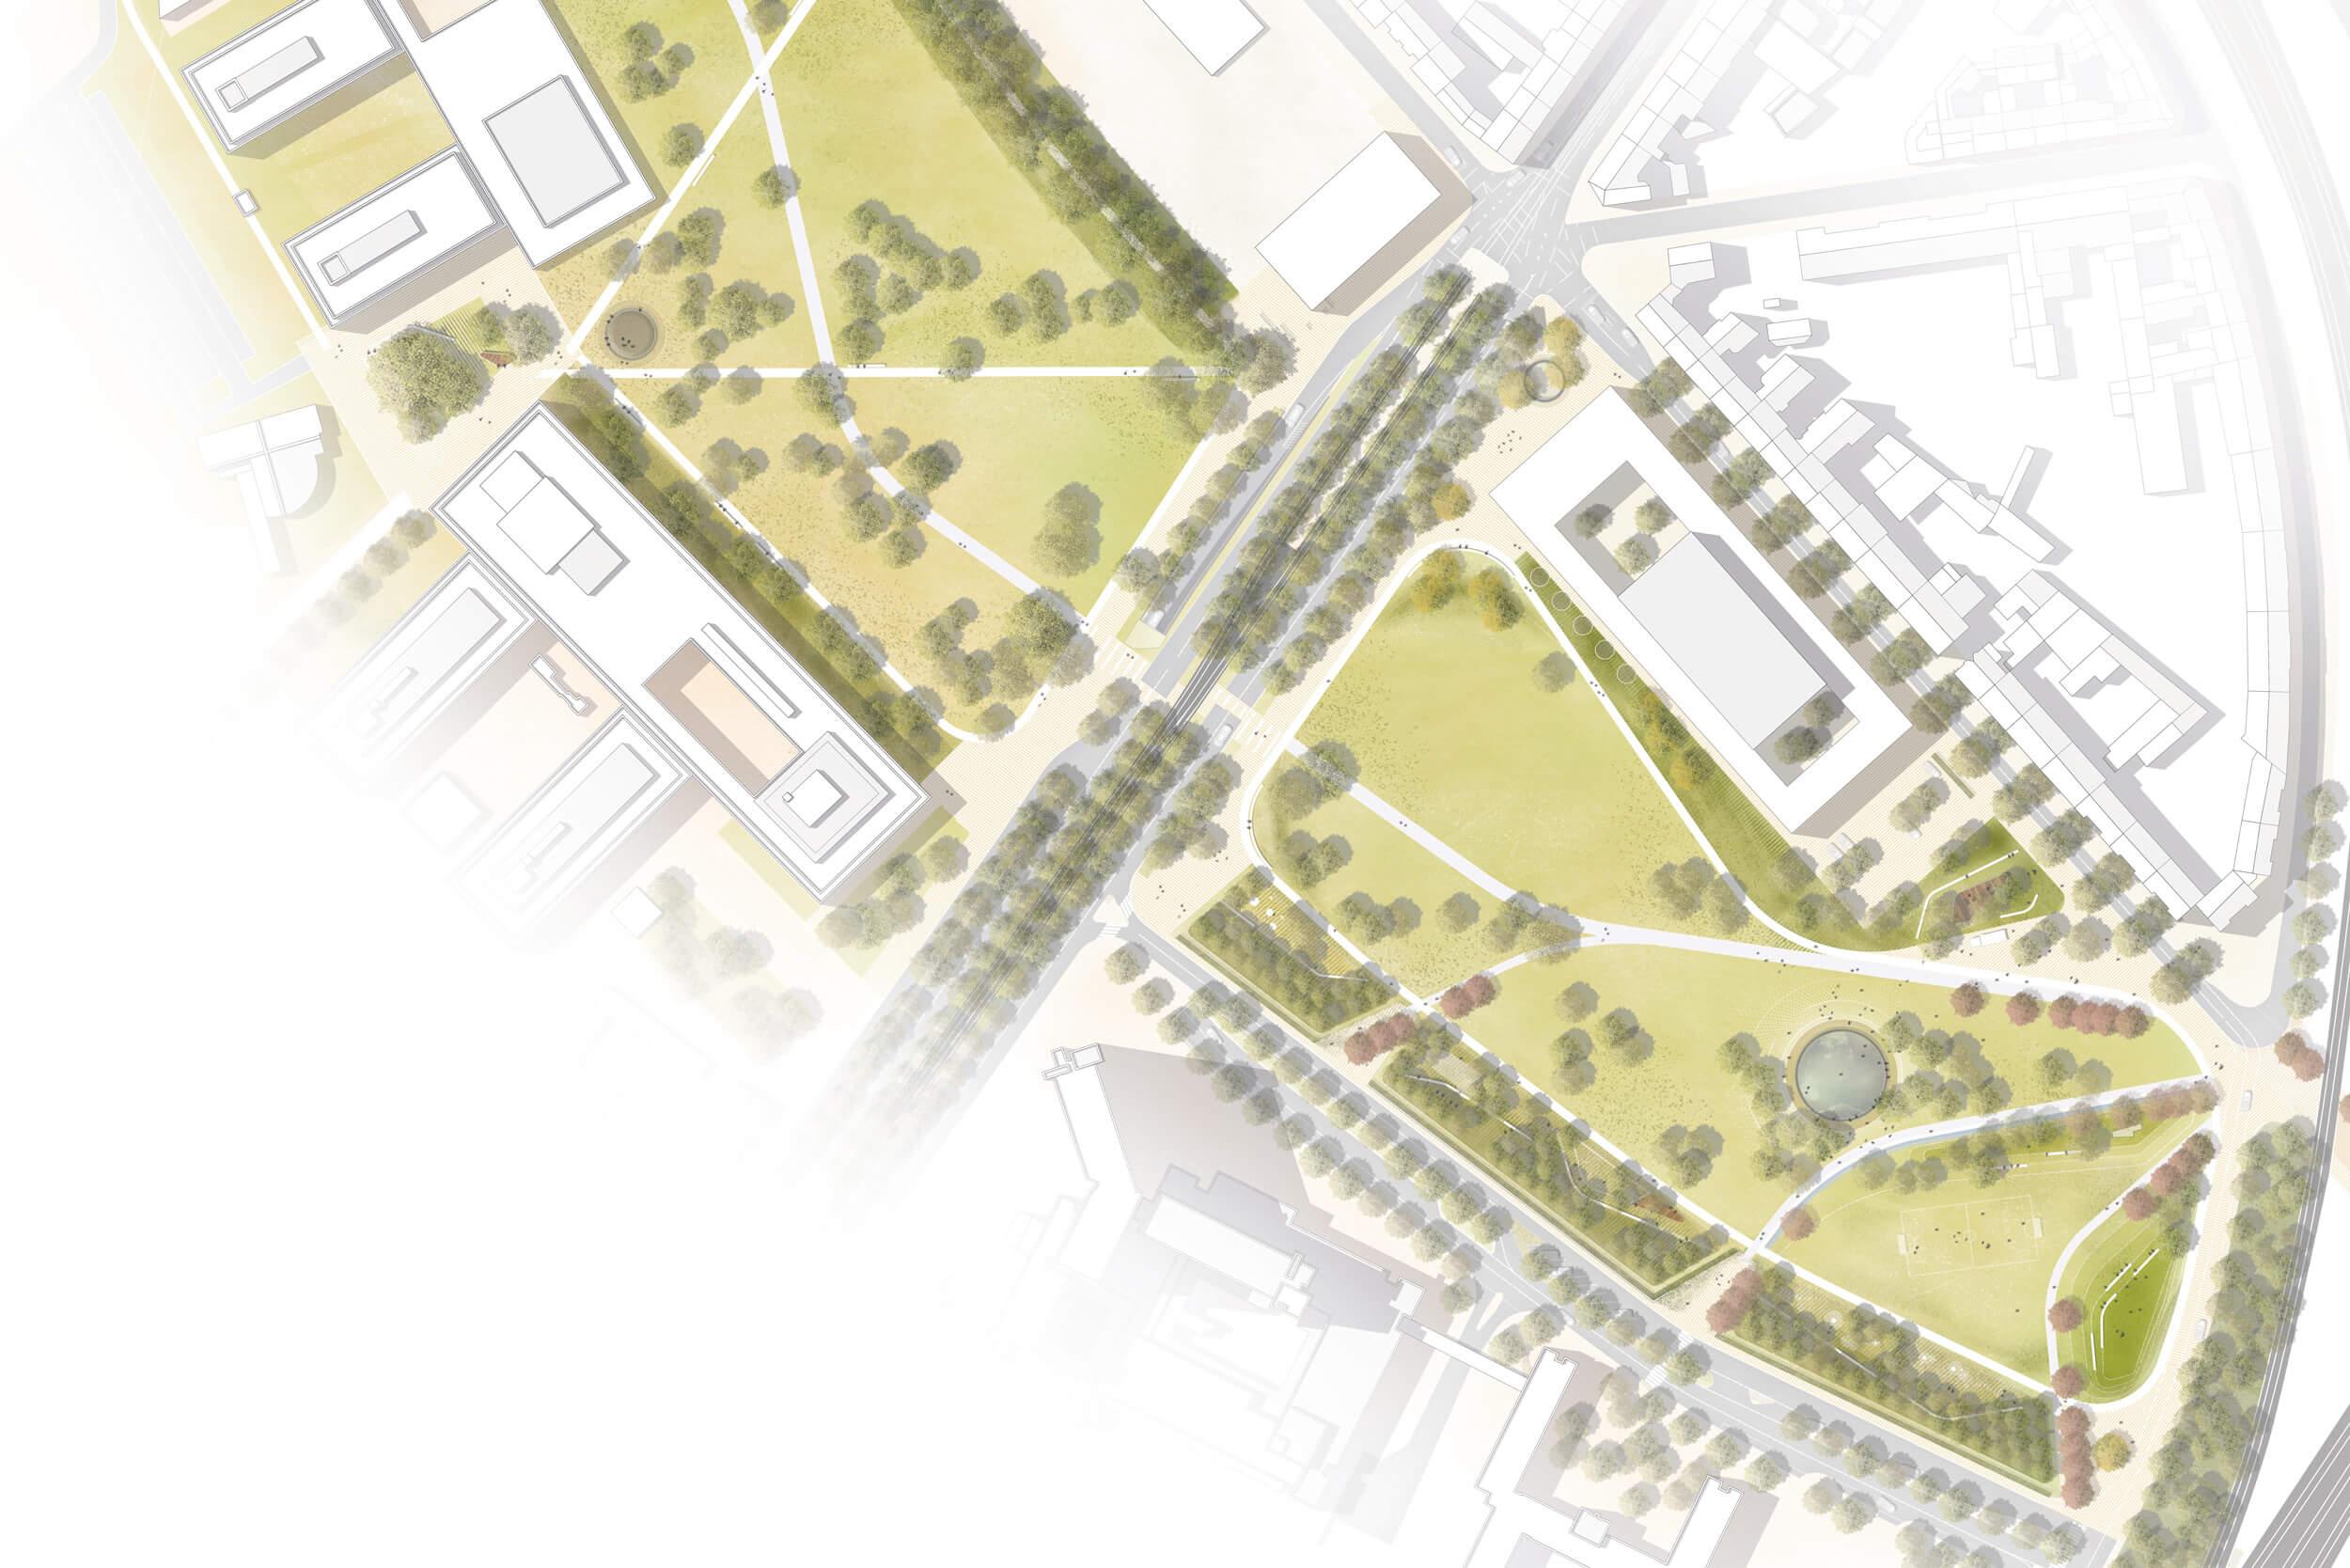 Lageplan Park am Eifelwall (Stand: Überarbeitung Wettbewerb)